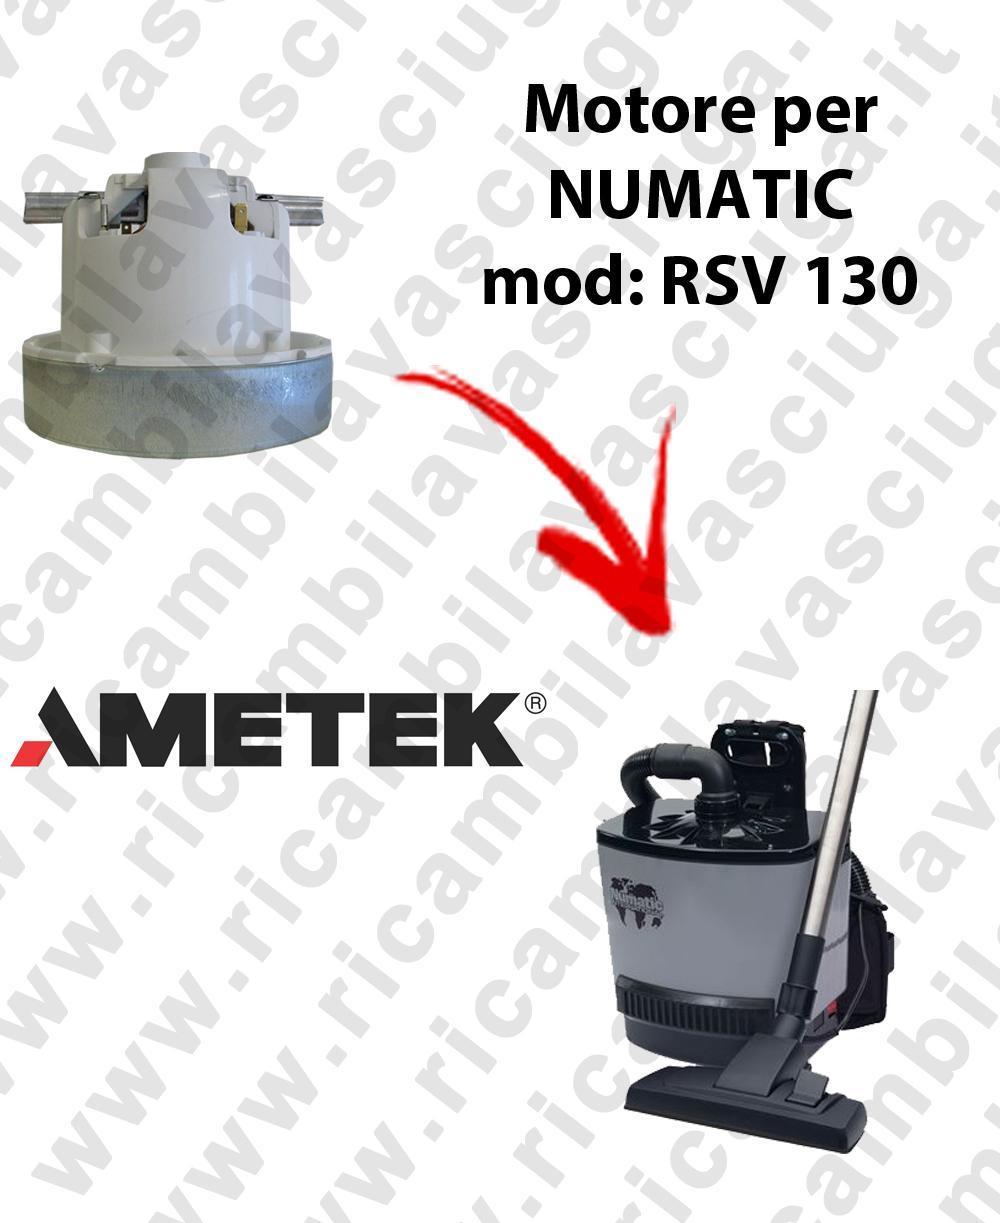 RSV 130 Saugmotor AMETEK für Staubsauger NUMATIC